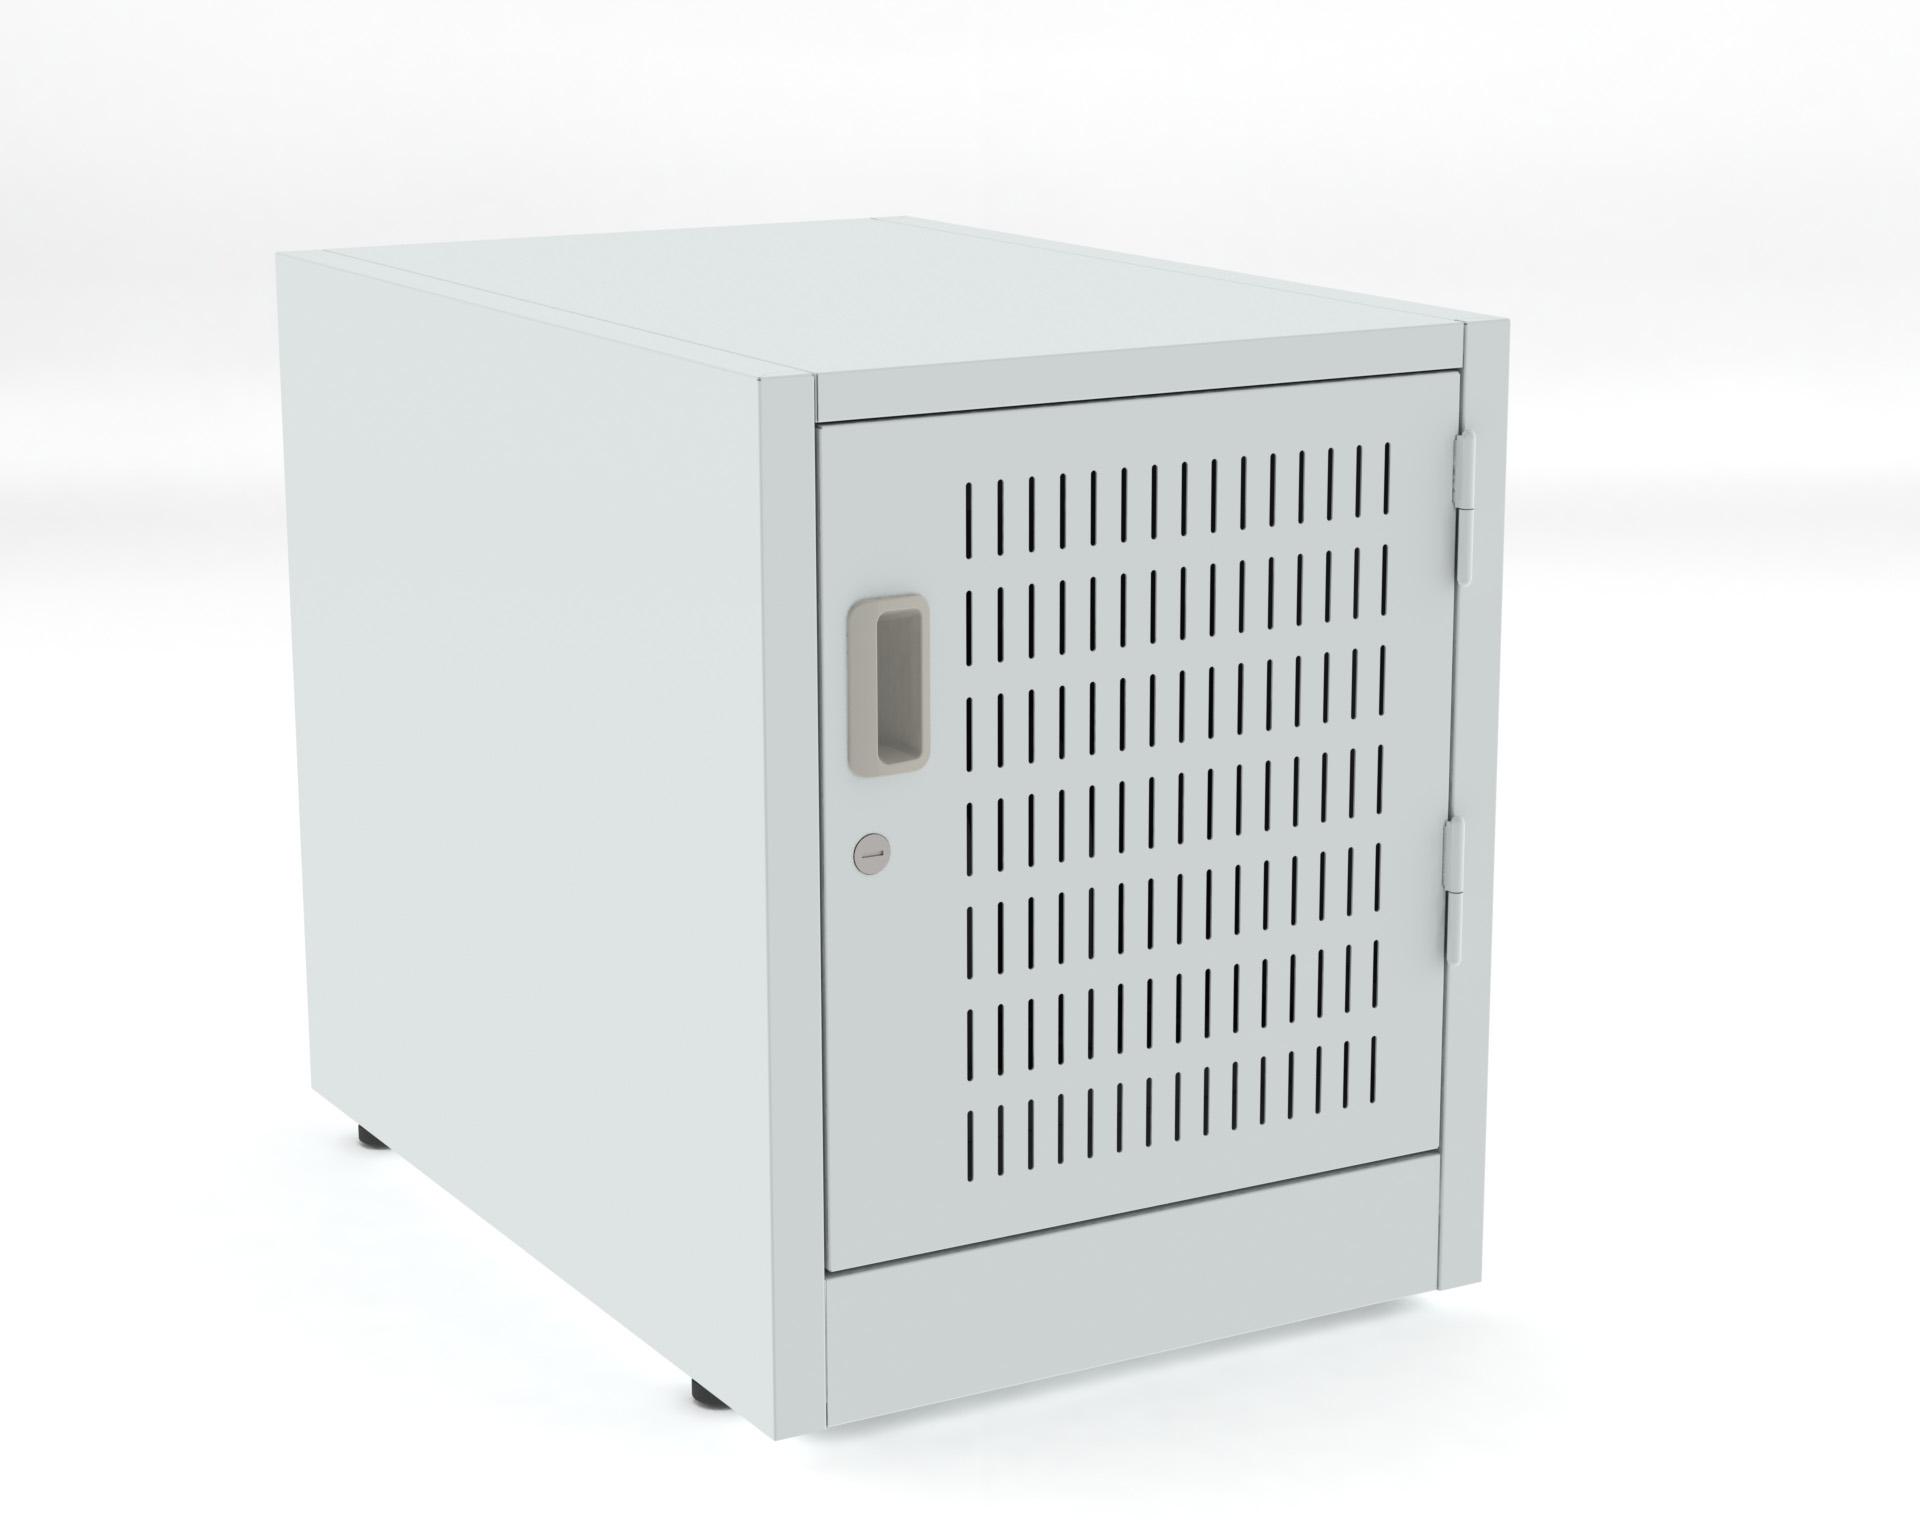 タブレットPC収納庫(5台用)